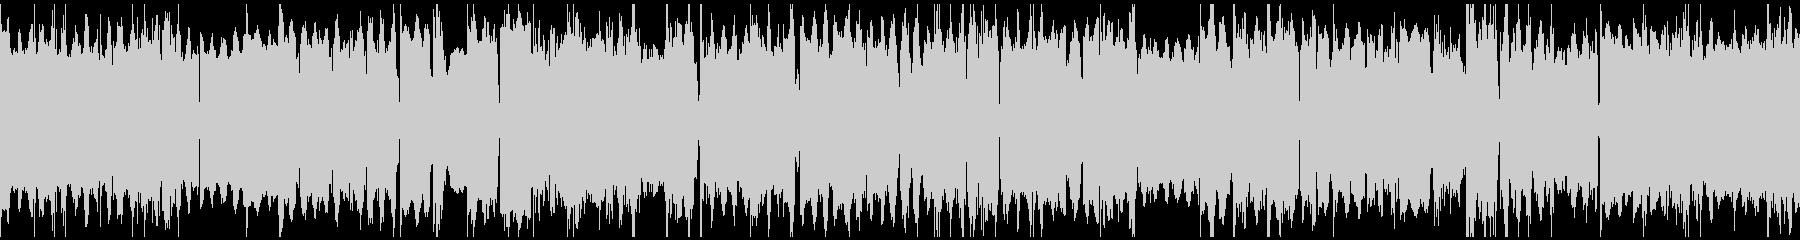 オルガンの三拍子BGM(ループ)の未再生の波形